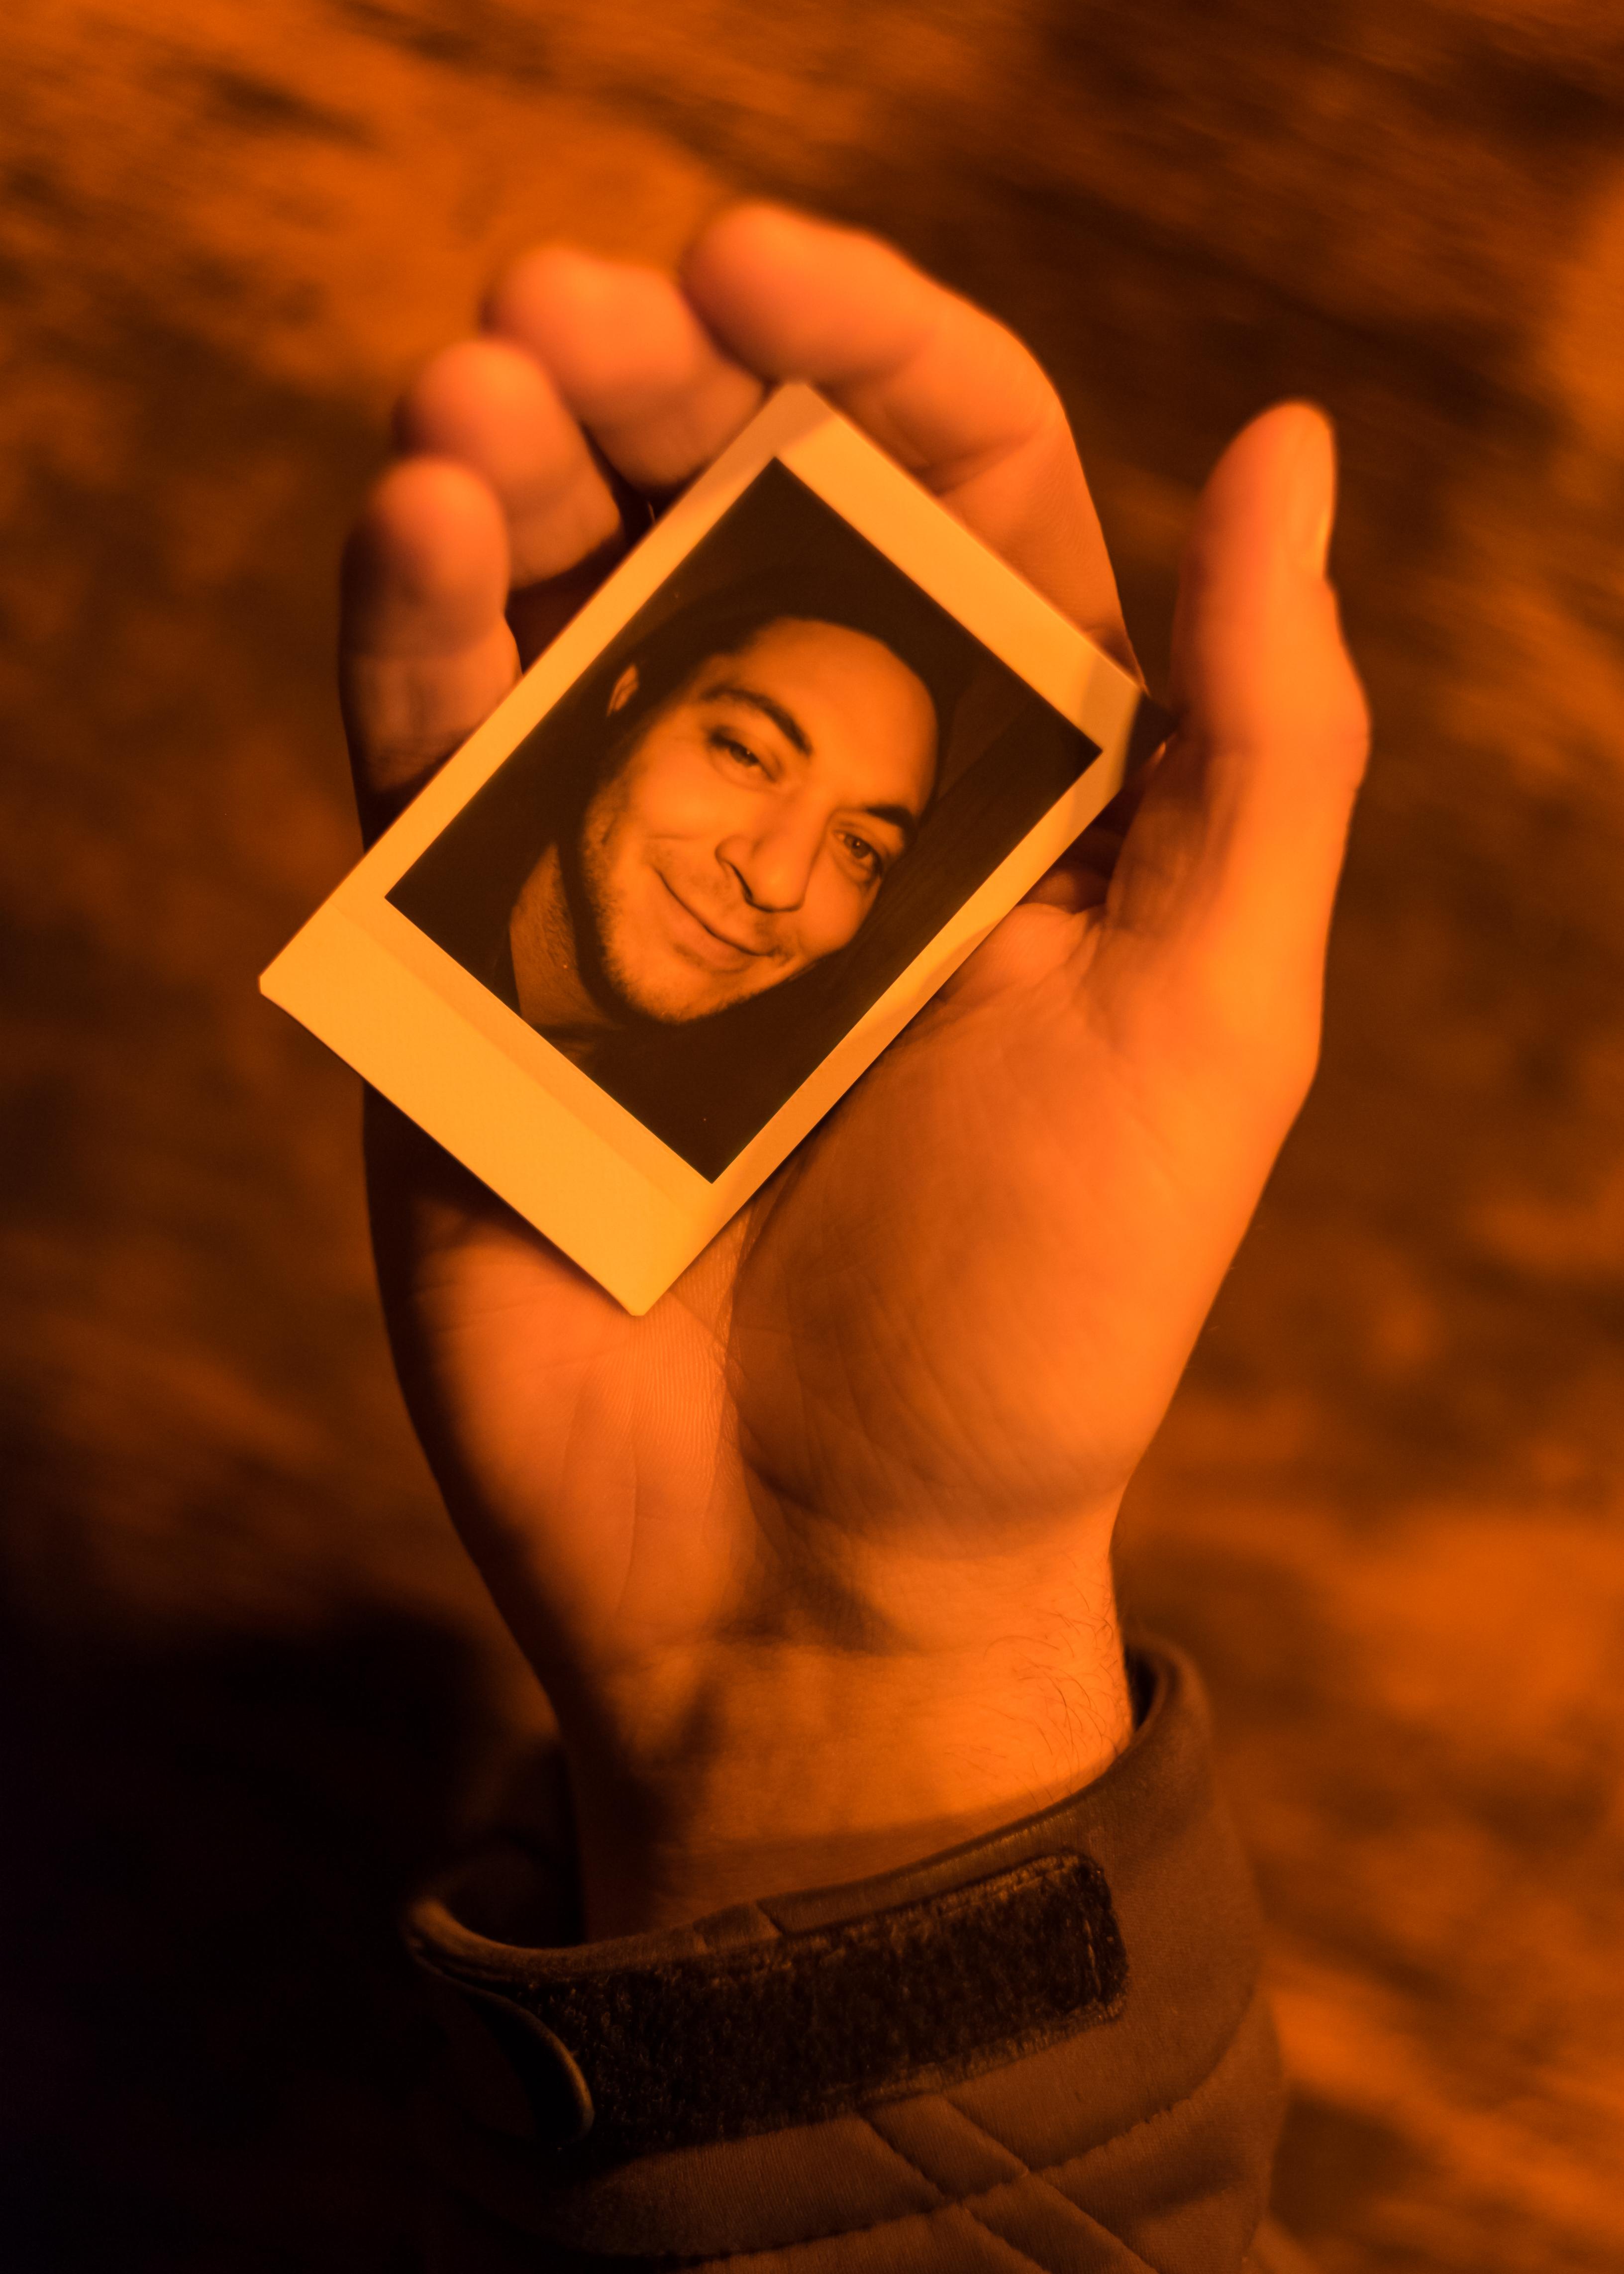 Olivier Bourget portrait dans la main-83